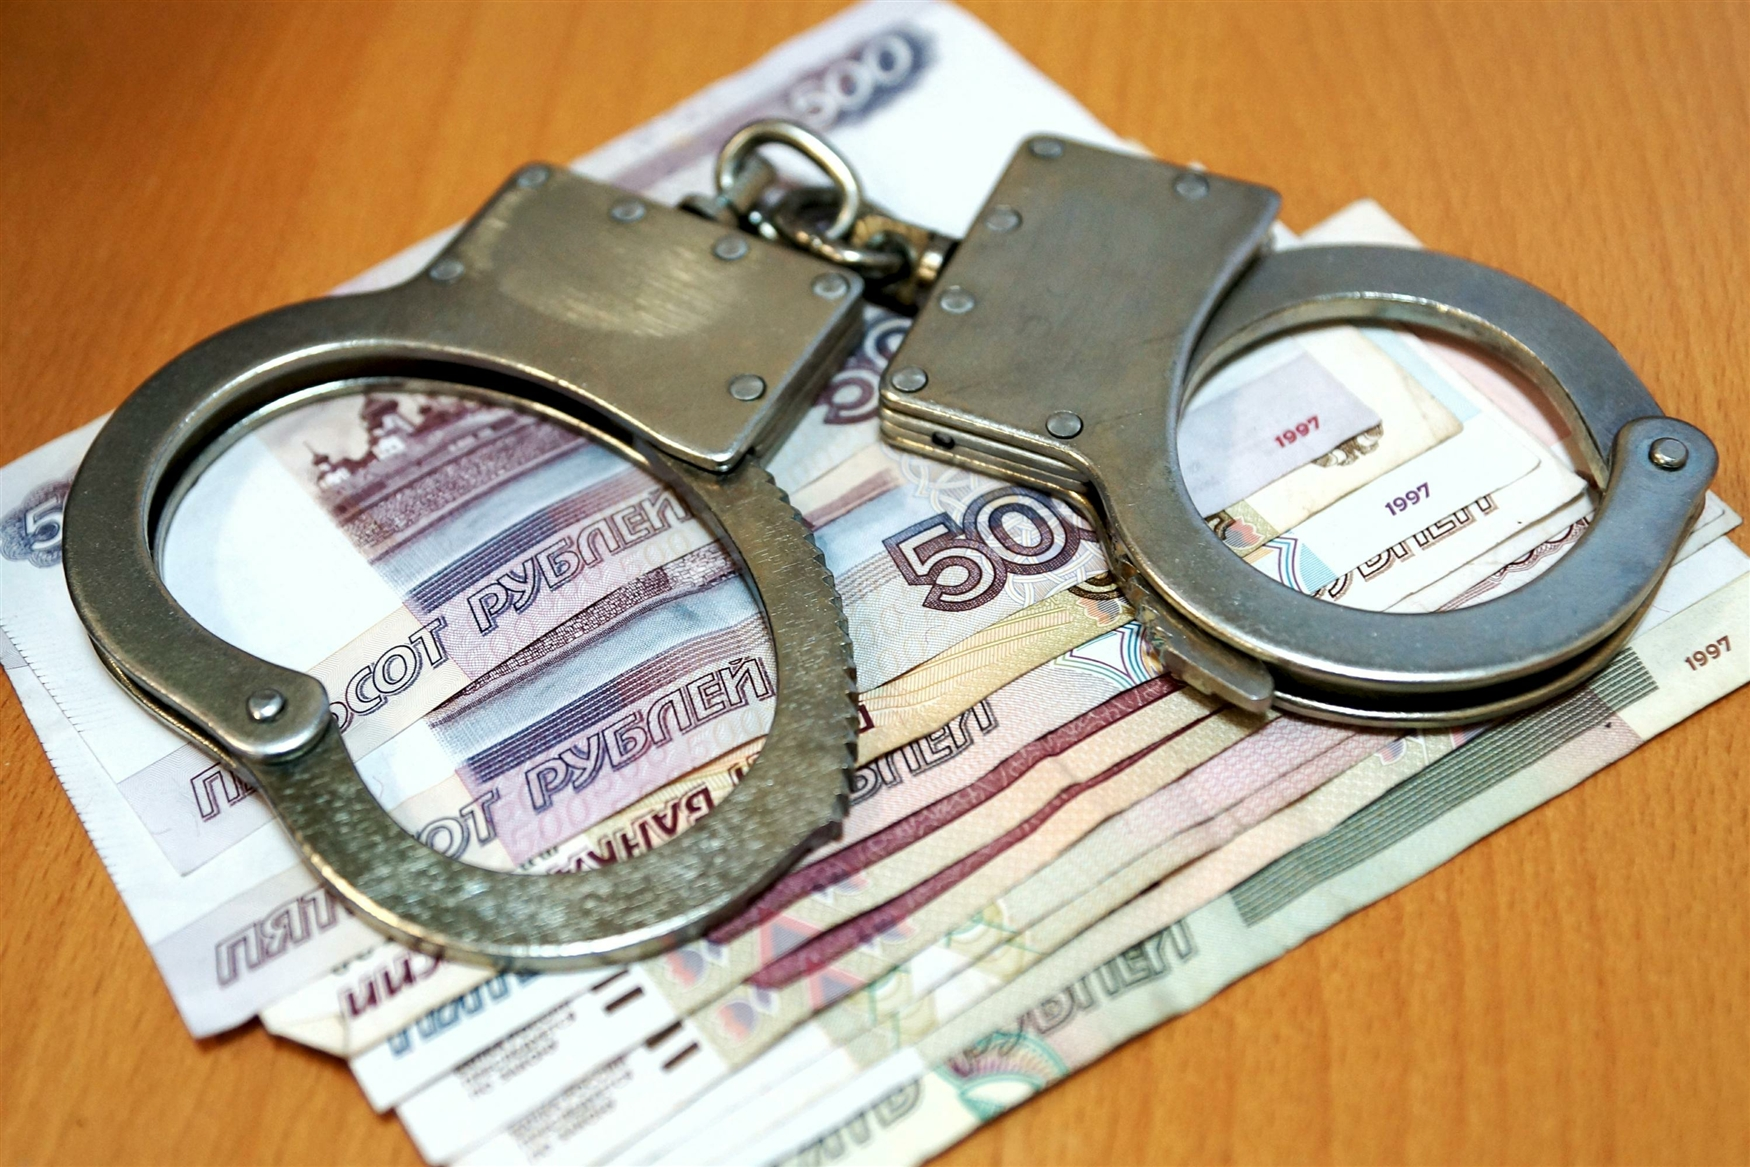 Полицейский изБашкортостана подозревается вприсвоении 4 млн руб.